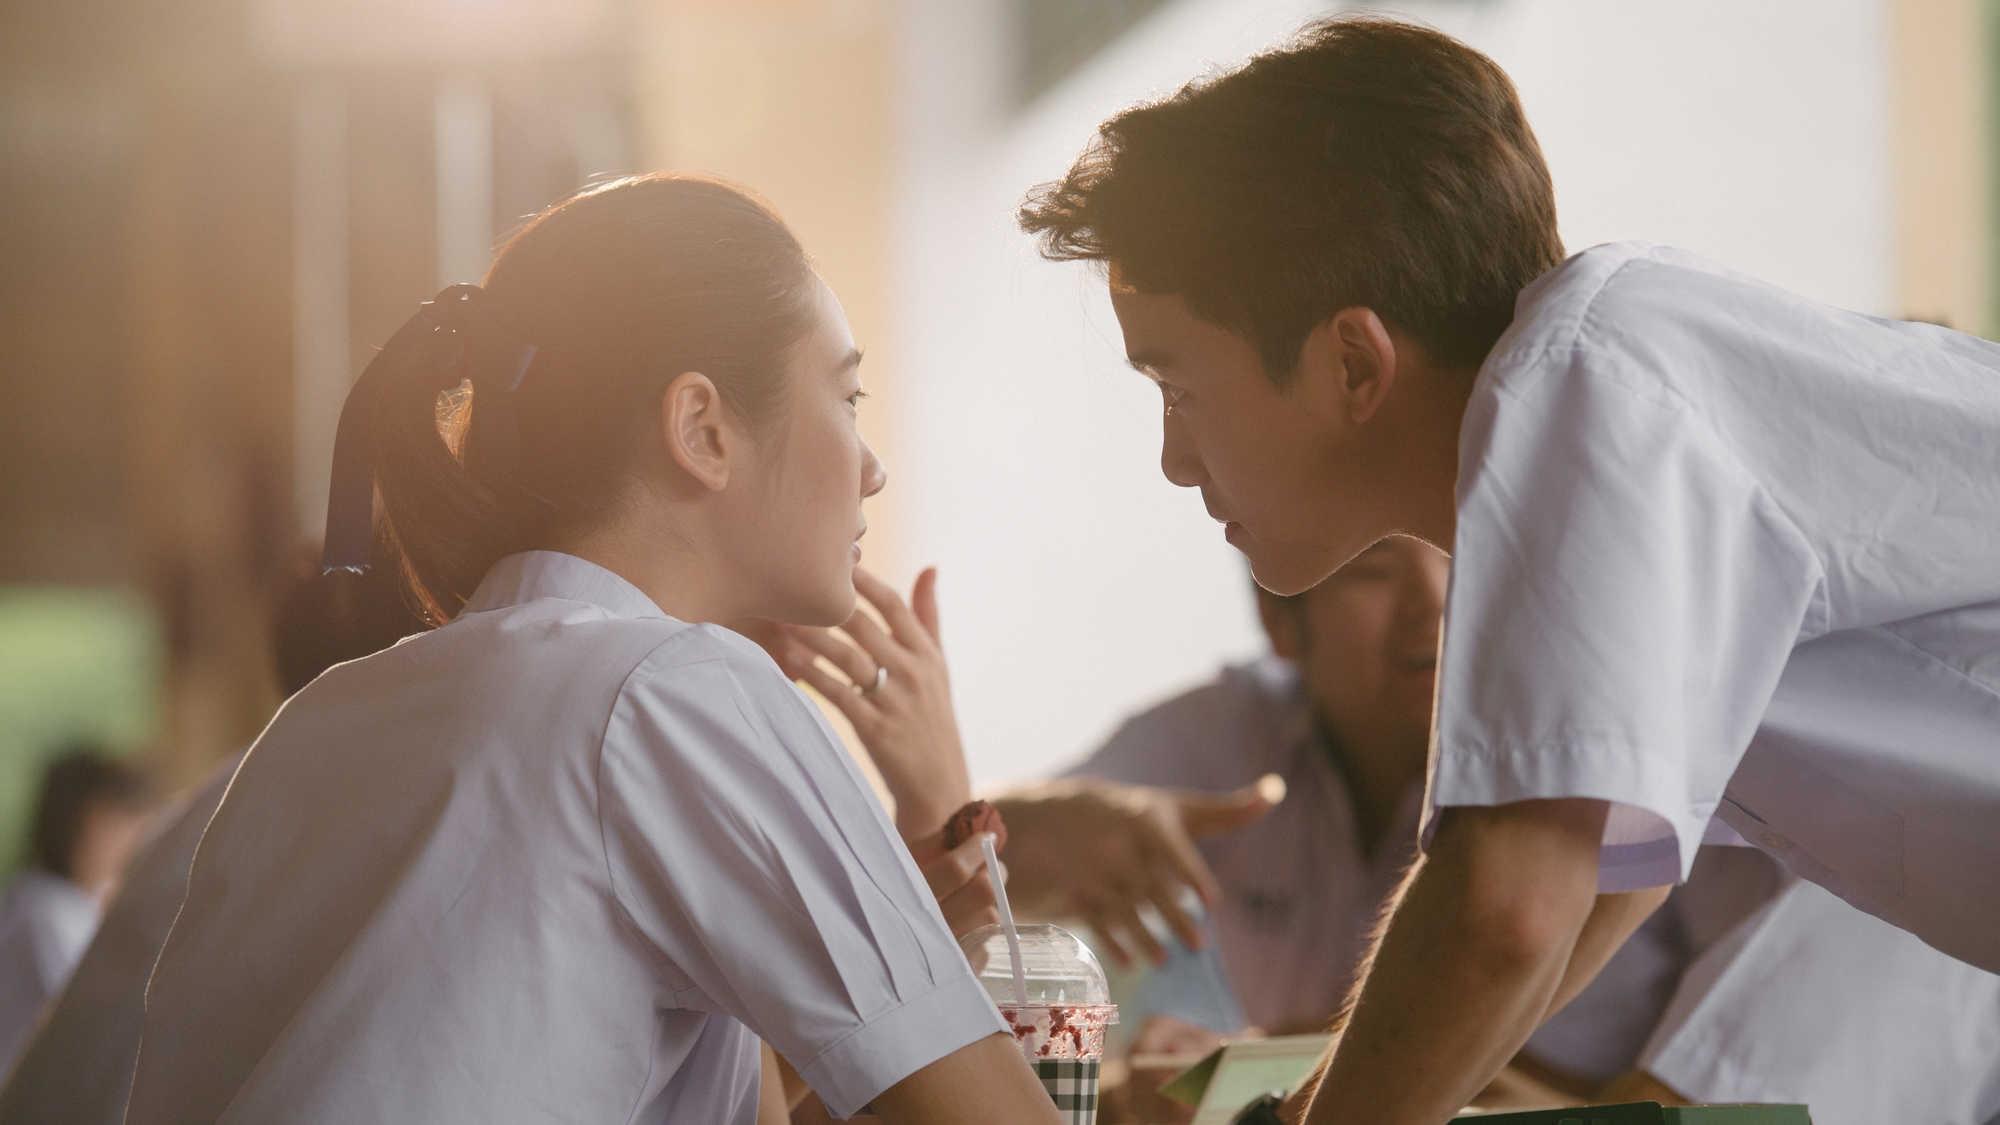 """Phim về nạn quay cóp của Thái được ví như """"Châu Tinh Trì + Hollywood"""""""